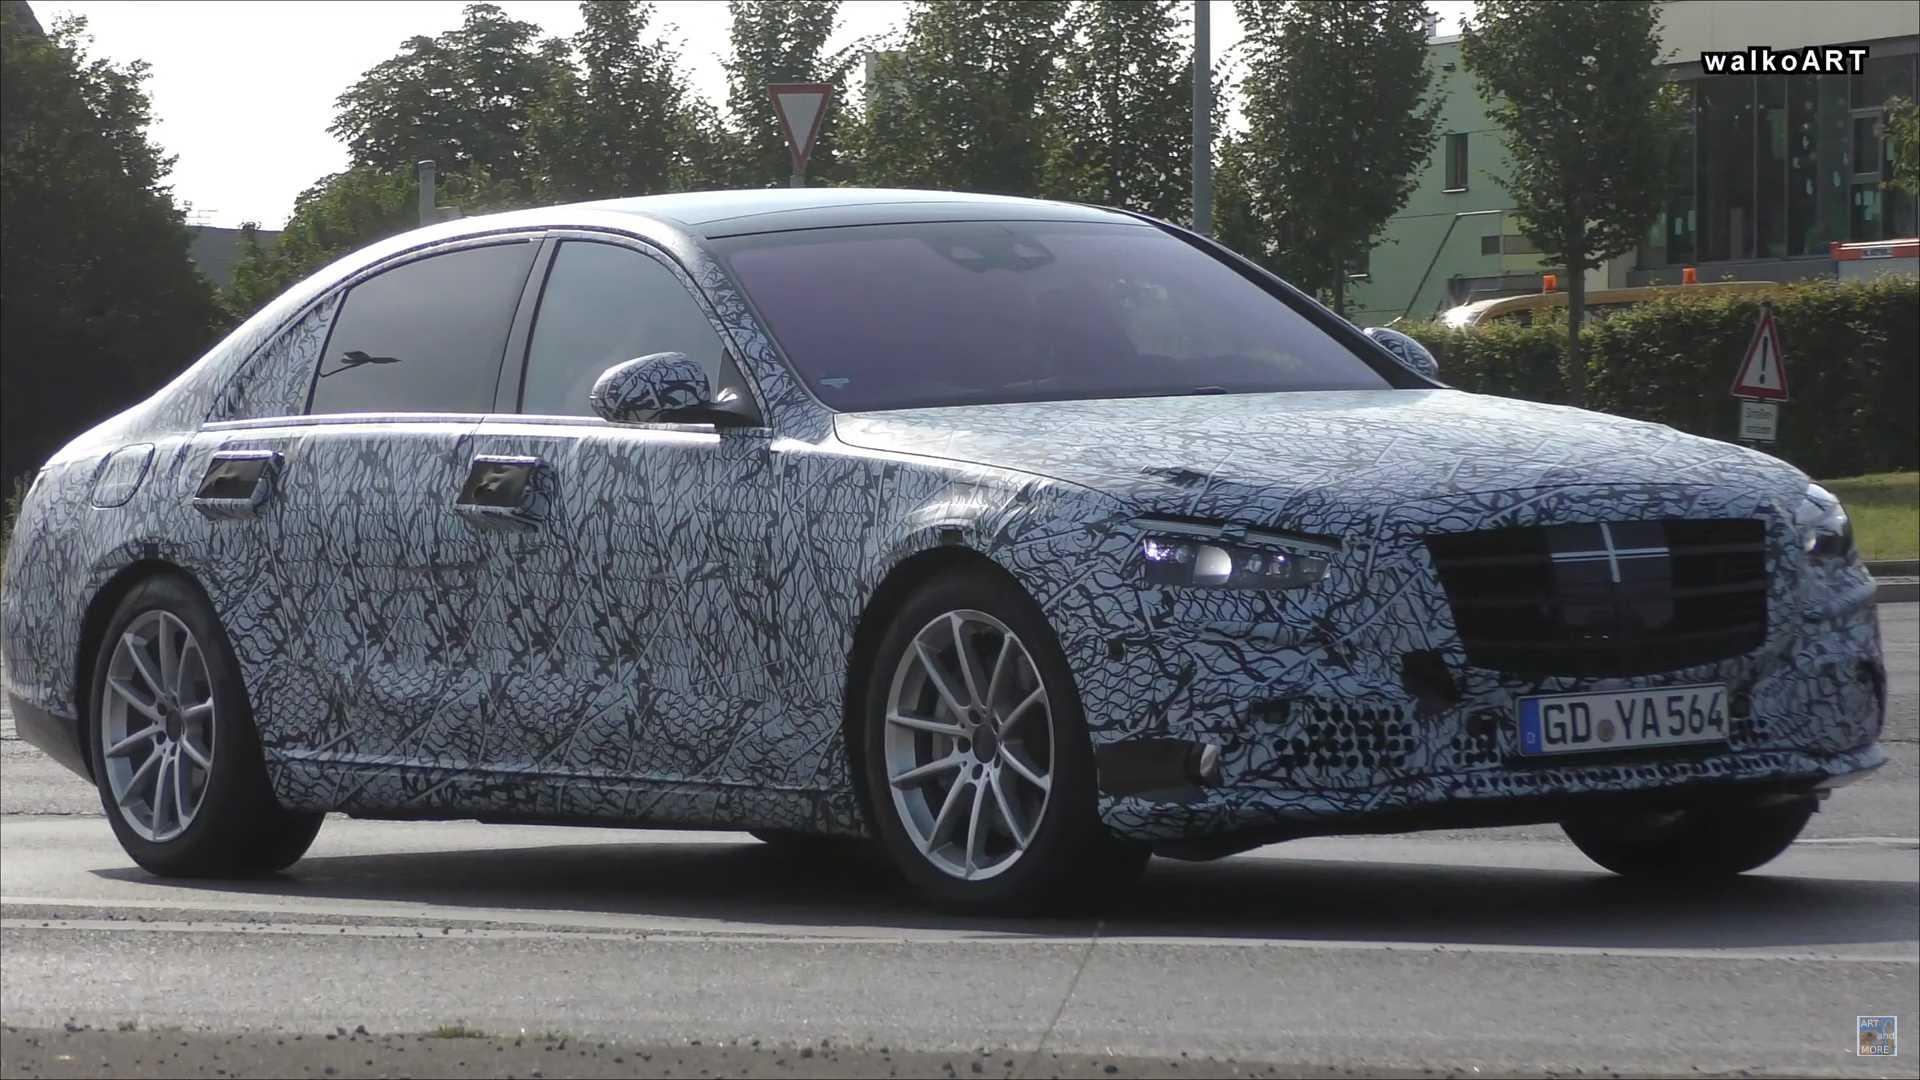 明年5月上市 有望推出混动版/纯电版 全新奔驰S级路测谍照曝光